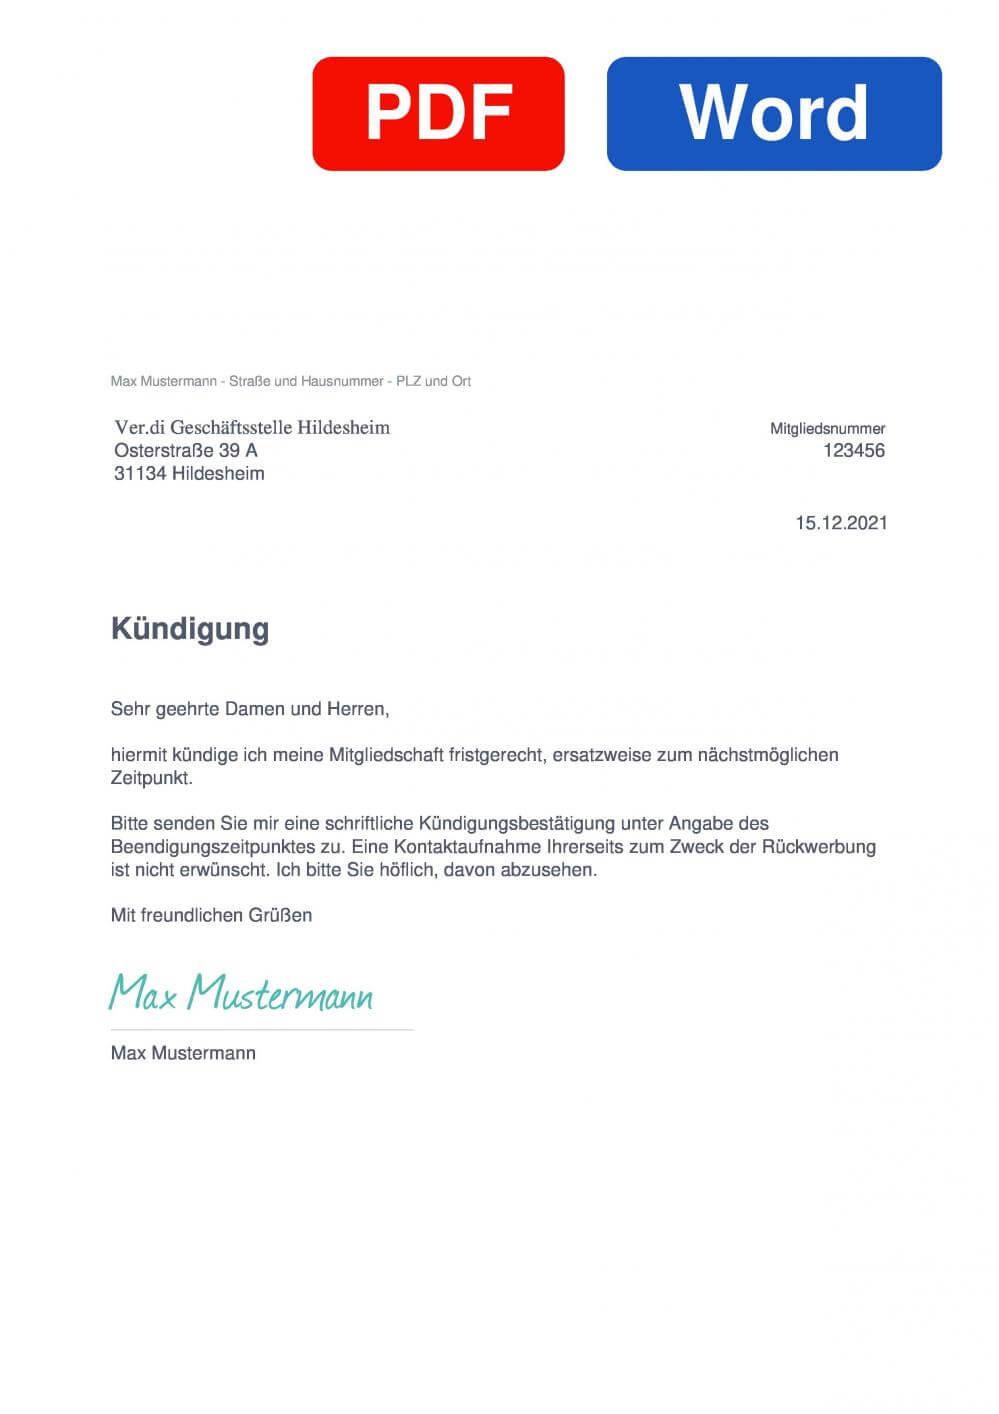 Verdi Hildesheim  Muster Vorlage für Kündigungsschreiben